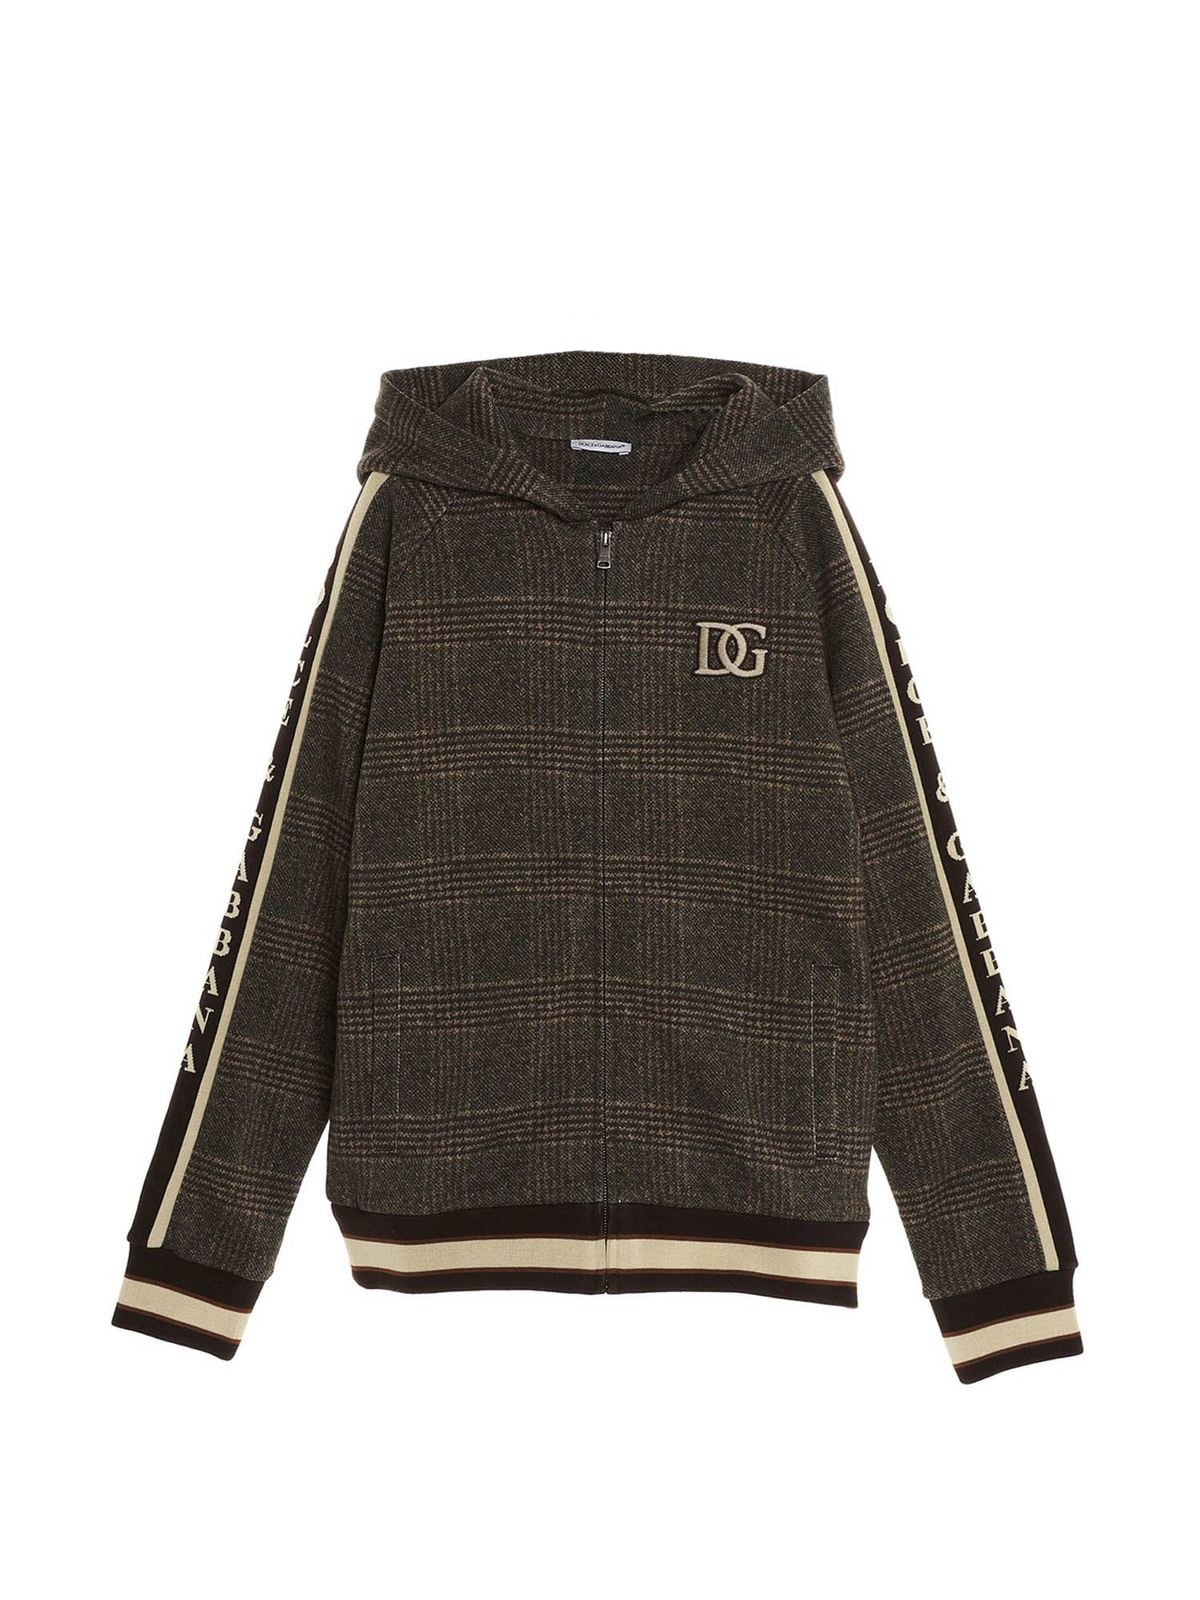 Dolce & Gabbana Jr Cottons DG CHECKED SWEATSHIRT WITH ZIP IN BROWN